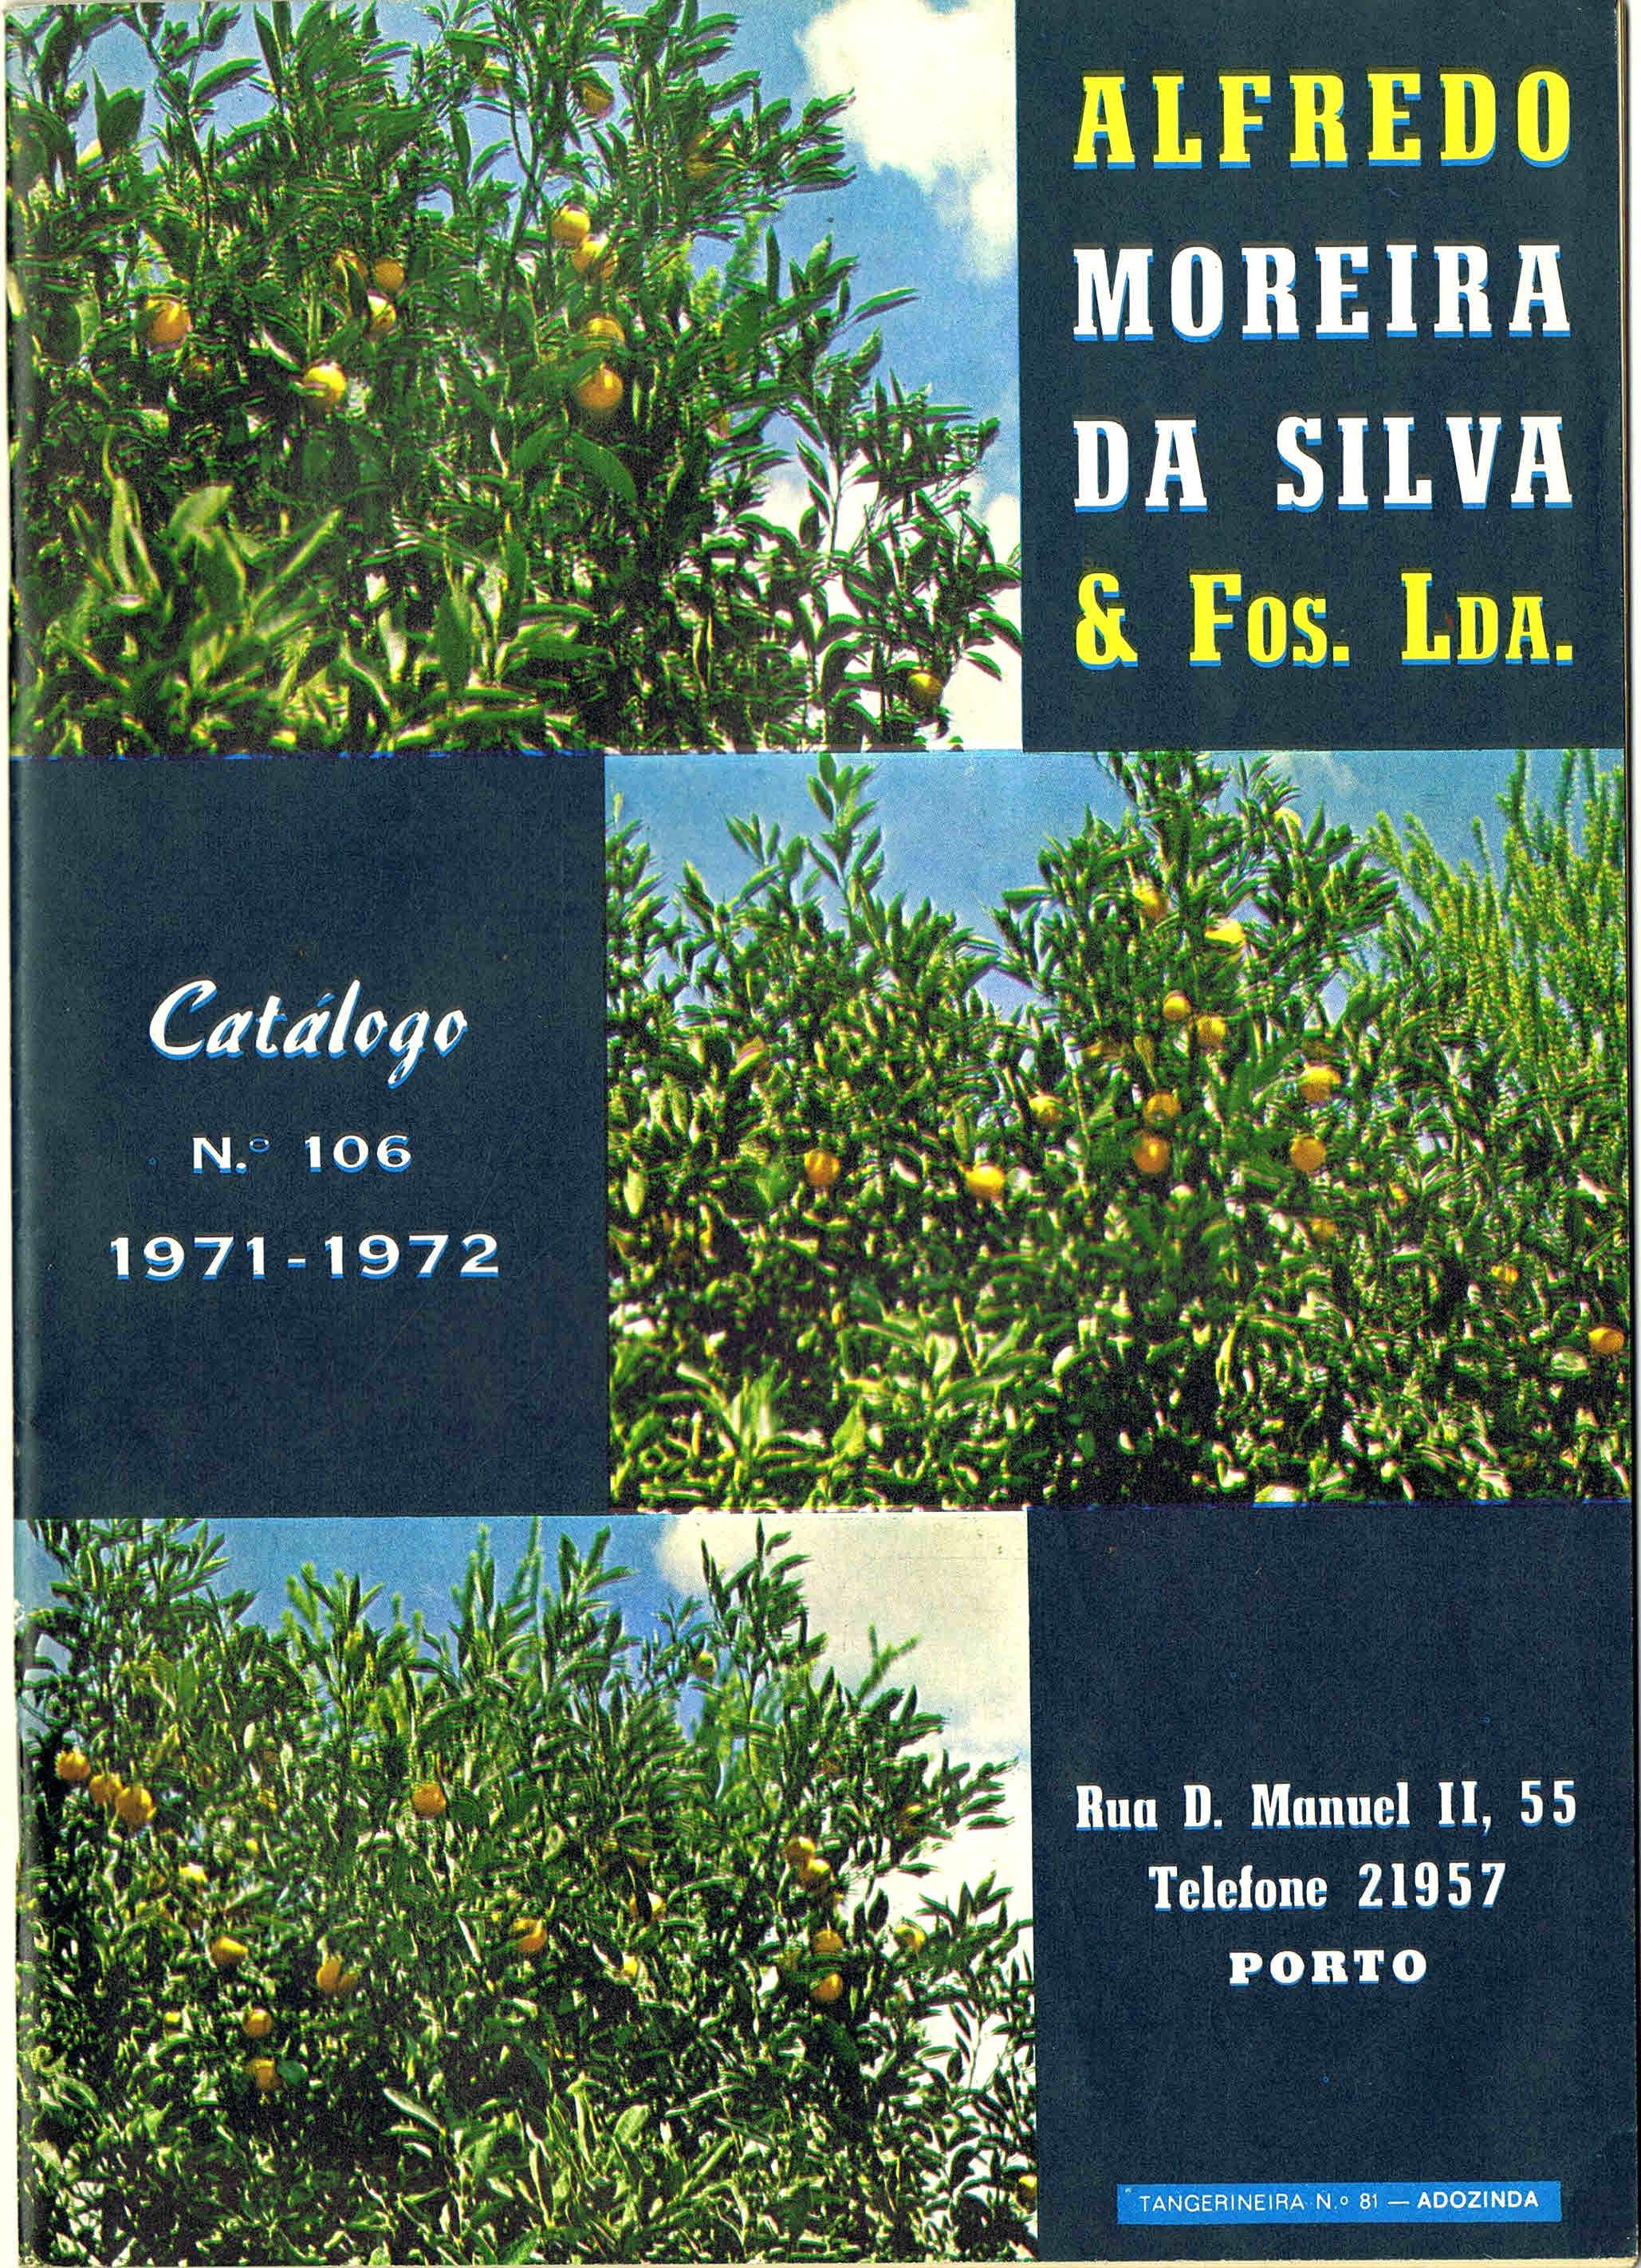 CATALOGO HORTICOLA MOREIRA DA SILVA & Fos Lda nº 106 1971-1972